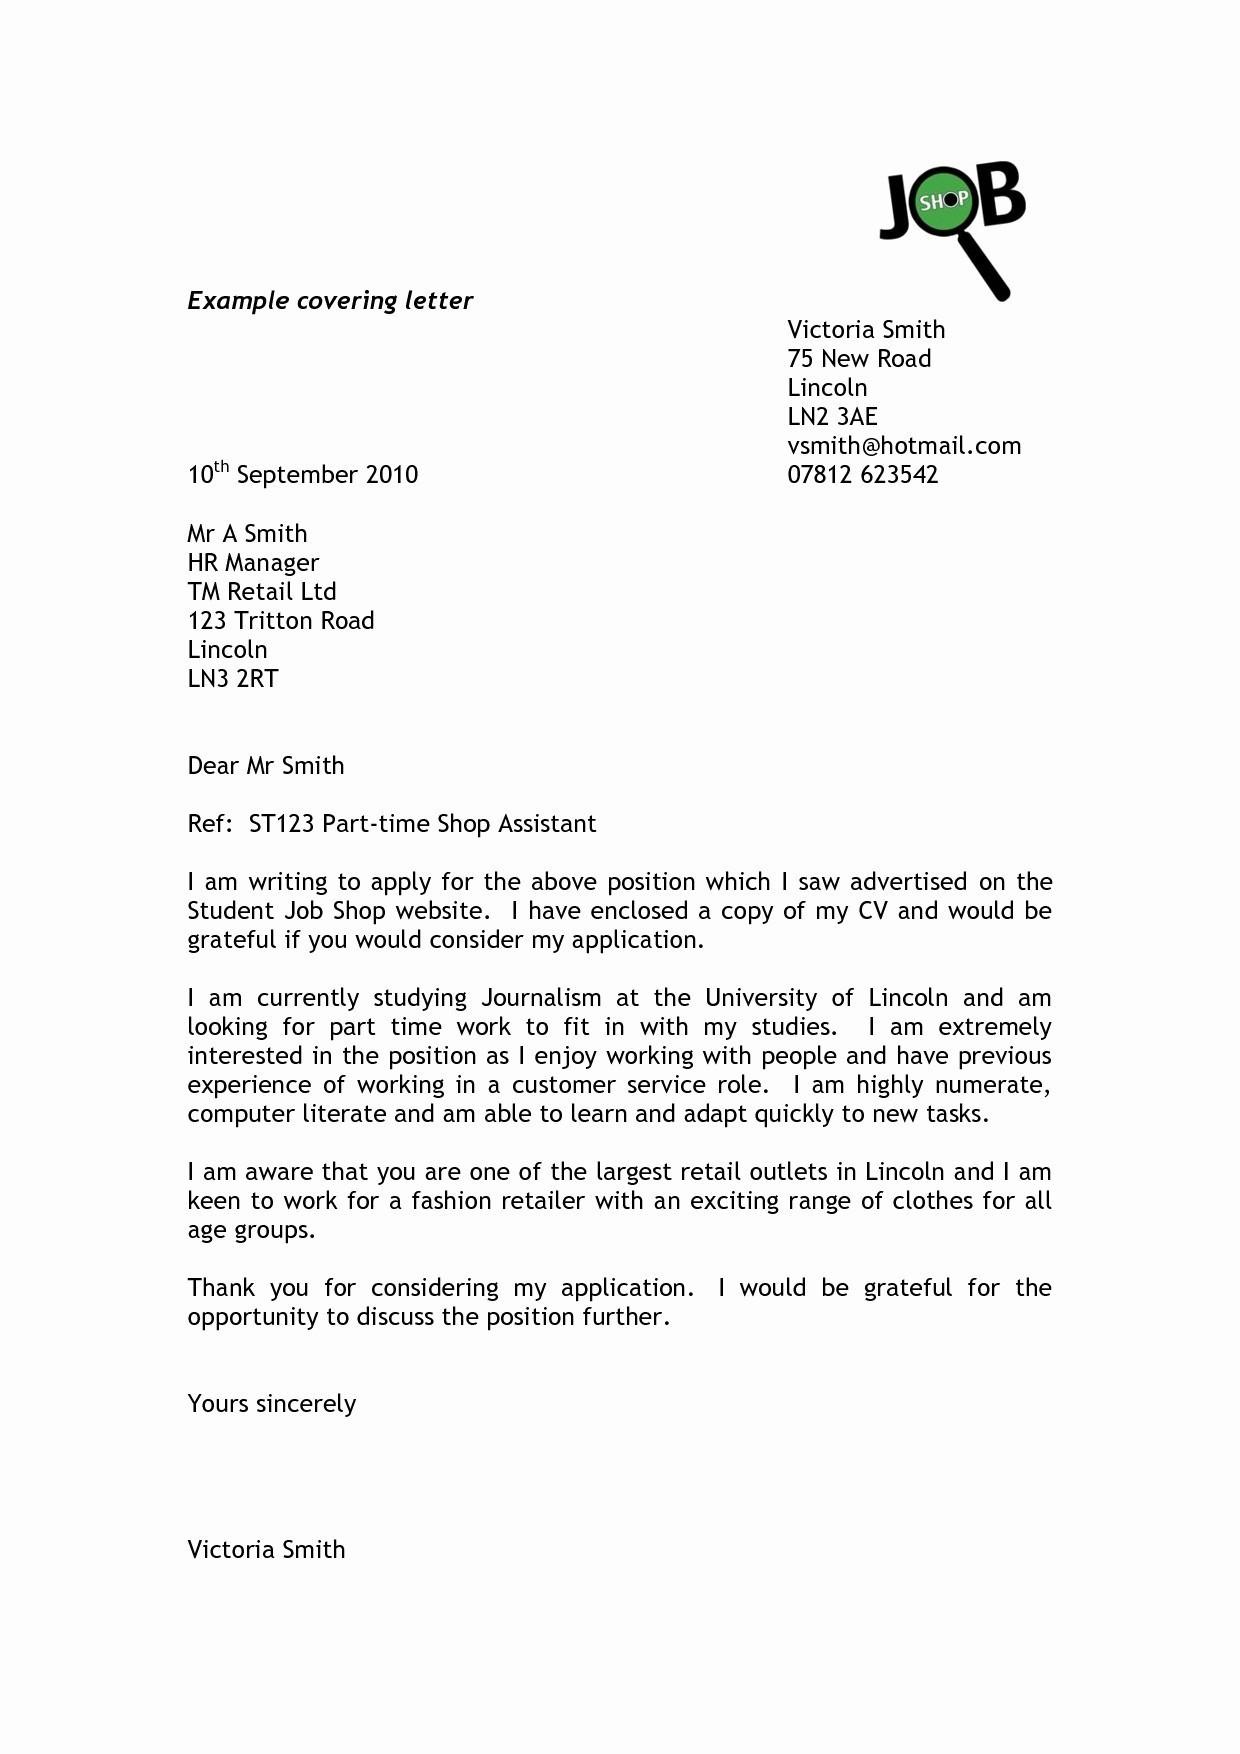 Sample Cover Letter Template - format Covering Letter for Cv